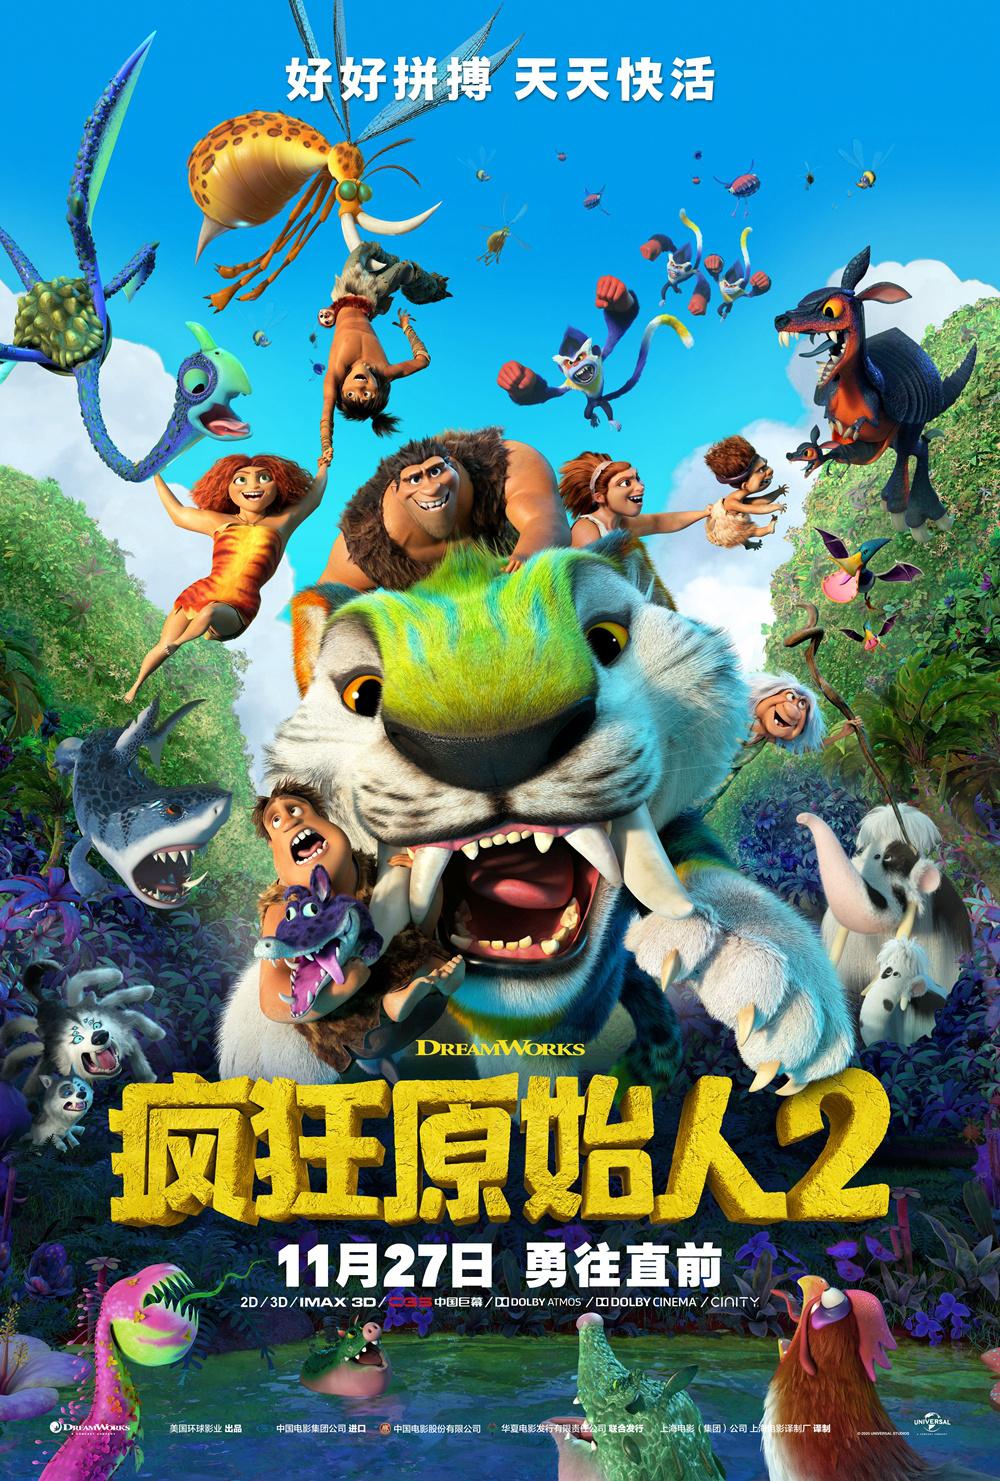 《疯狂原始人2》定档11.27 郭京飞林更新郑恺献声 第2张